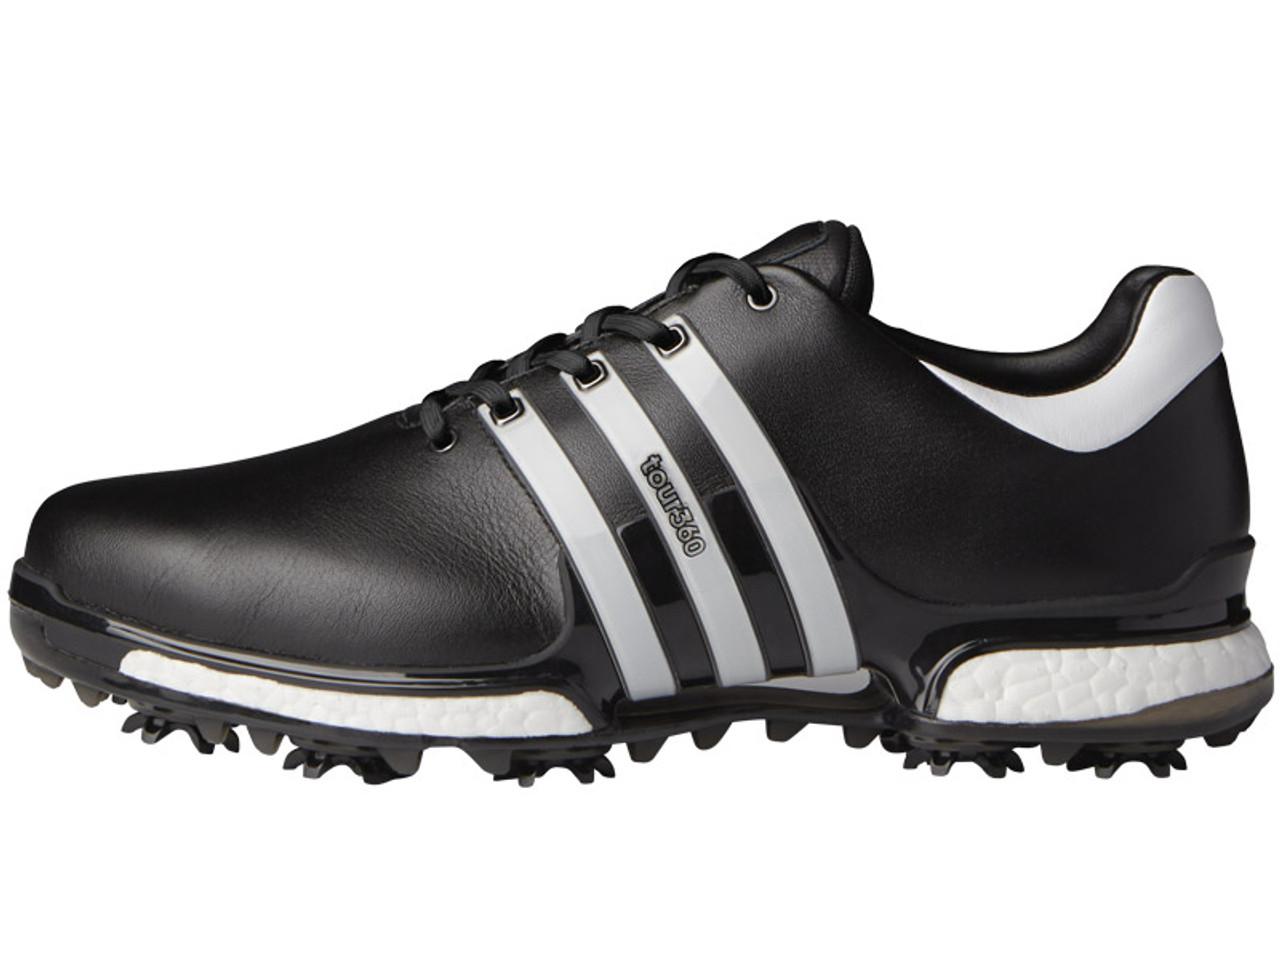 design de qualité 9c6bf 8ea79 Adidas Tour 360 Boost 2.0 Golf Shoes - Core Black/White